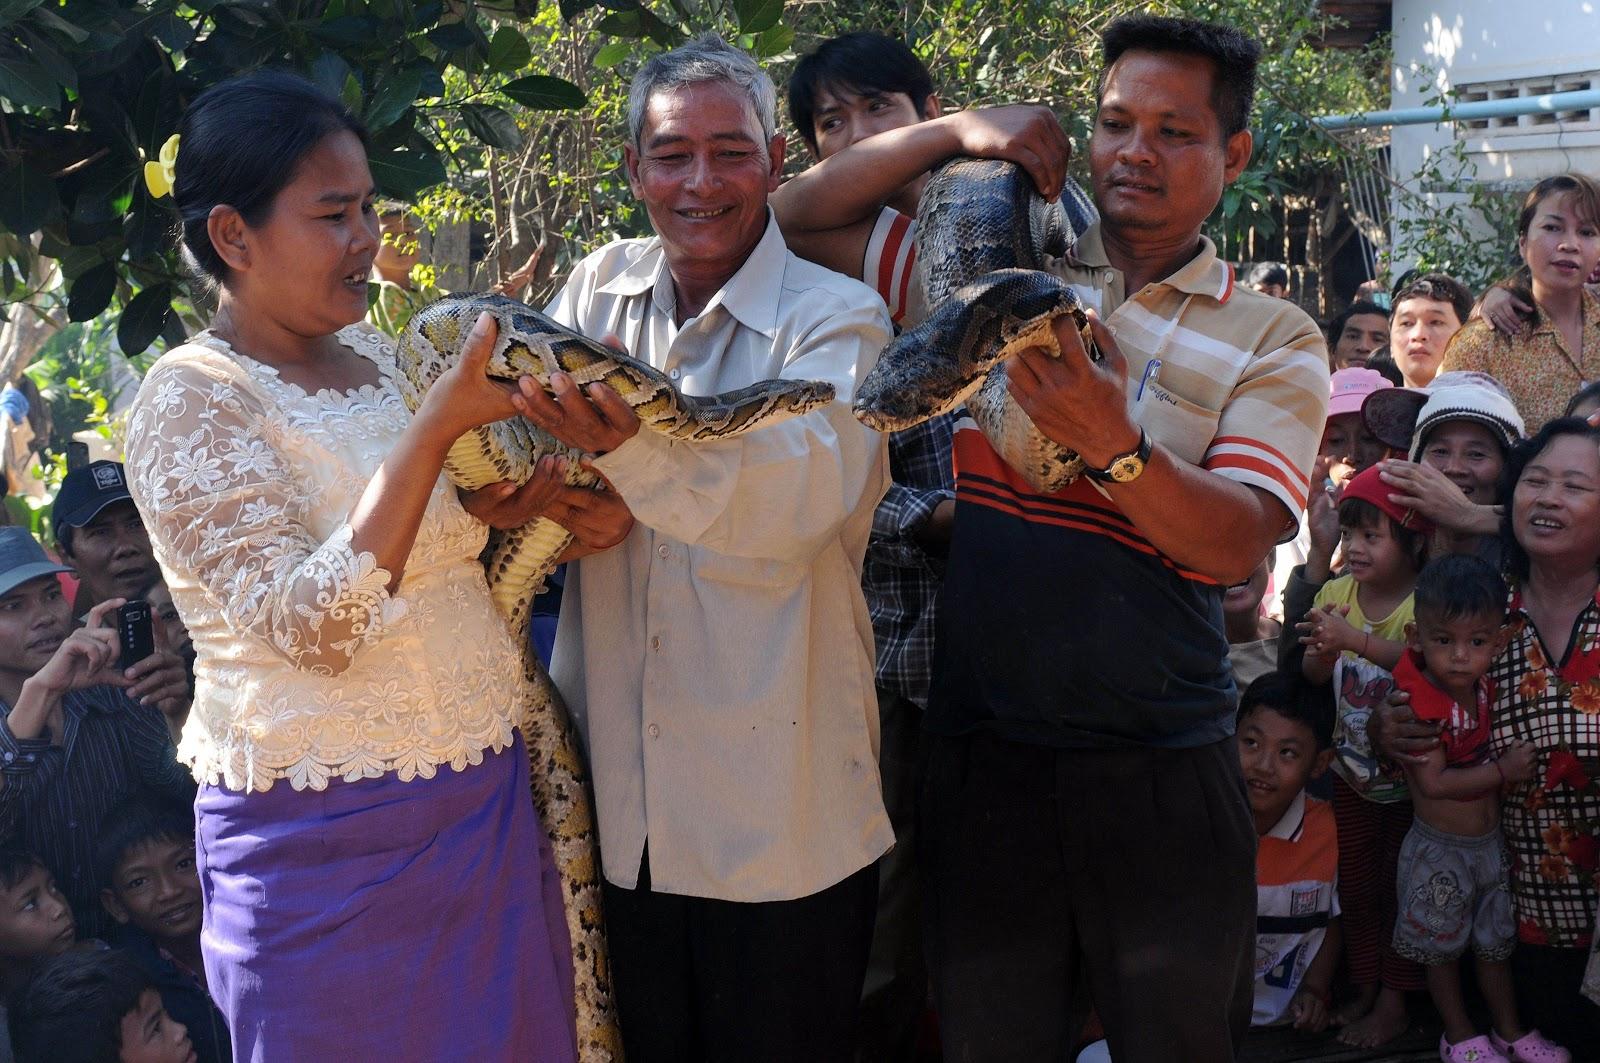 Python newlyweds draw crowds